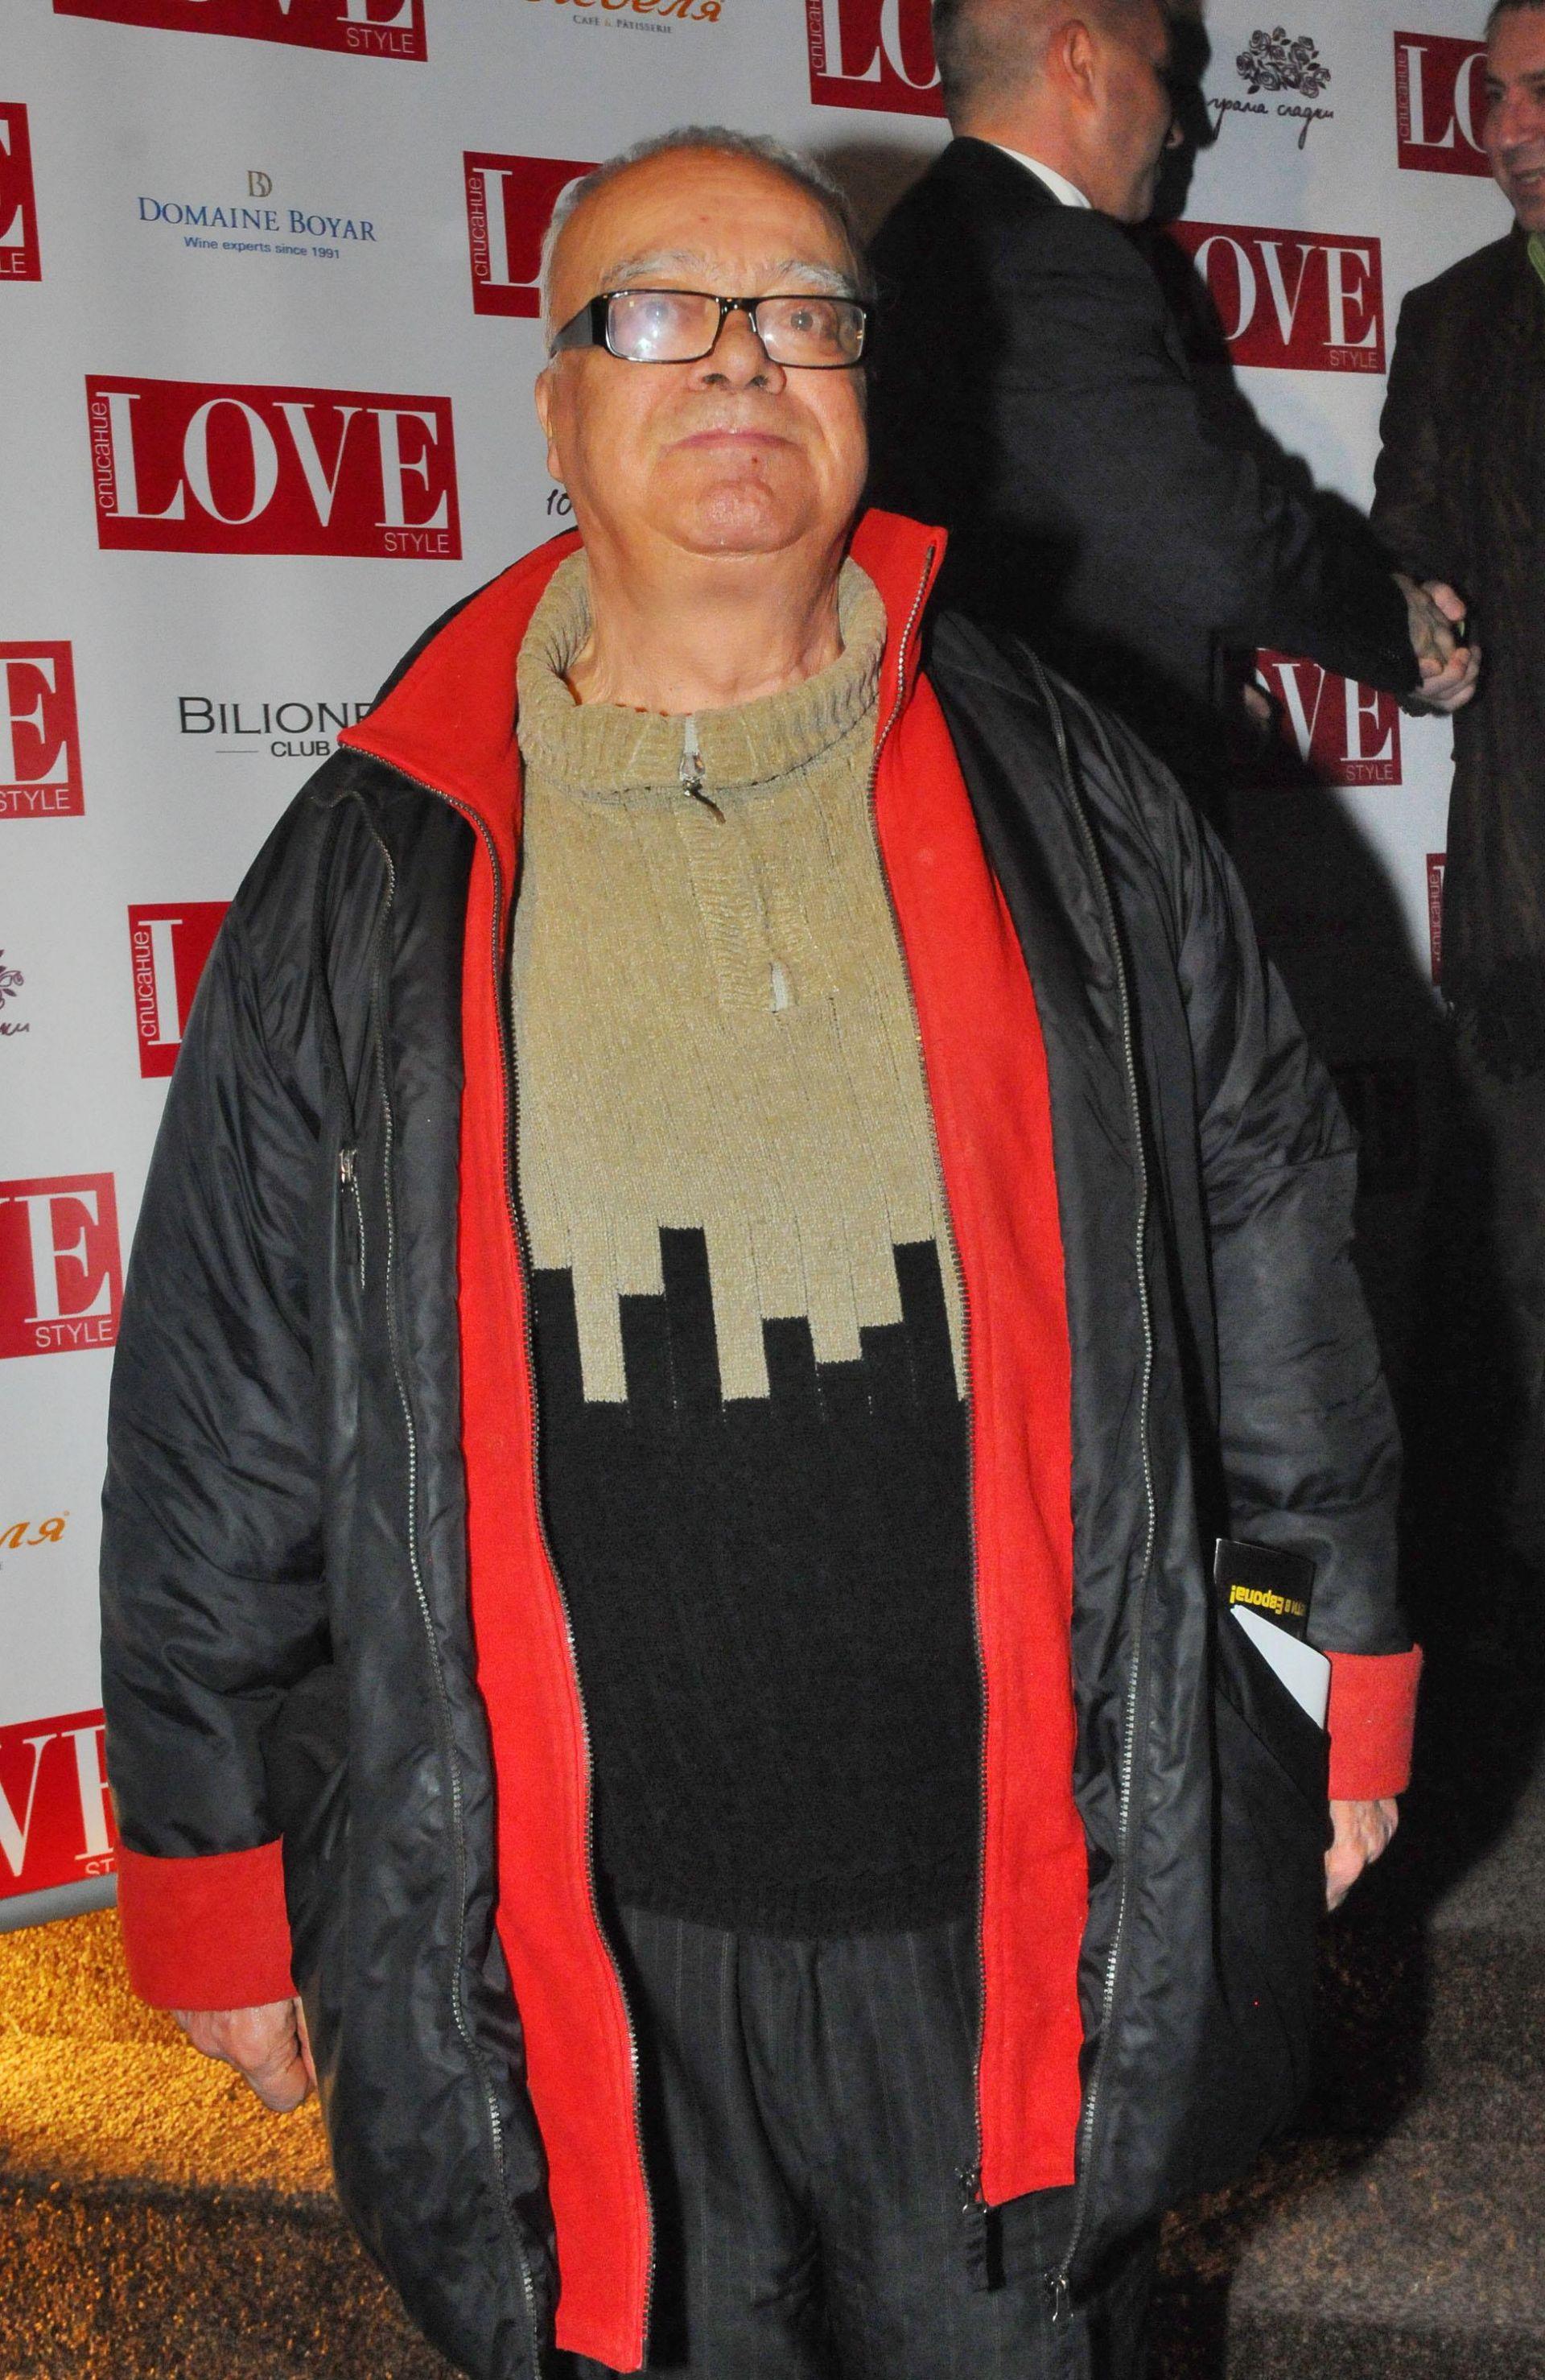 13 февруари 2013 г. - Проф. Вучков е специален гост на първия рожден ден на списание Love Style